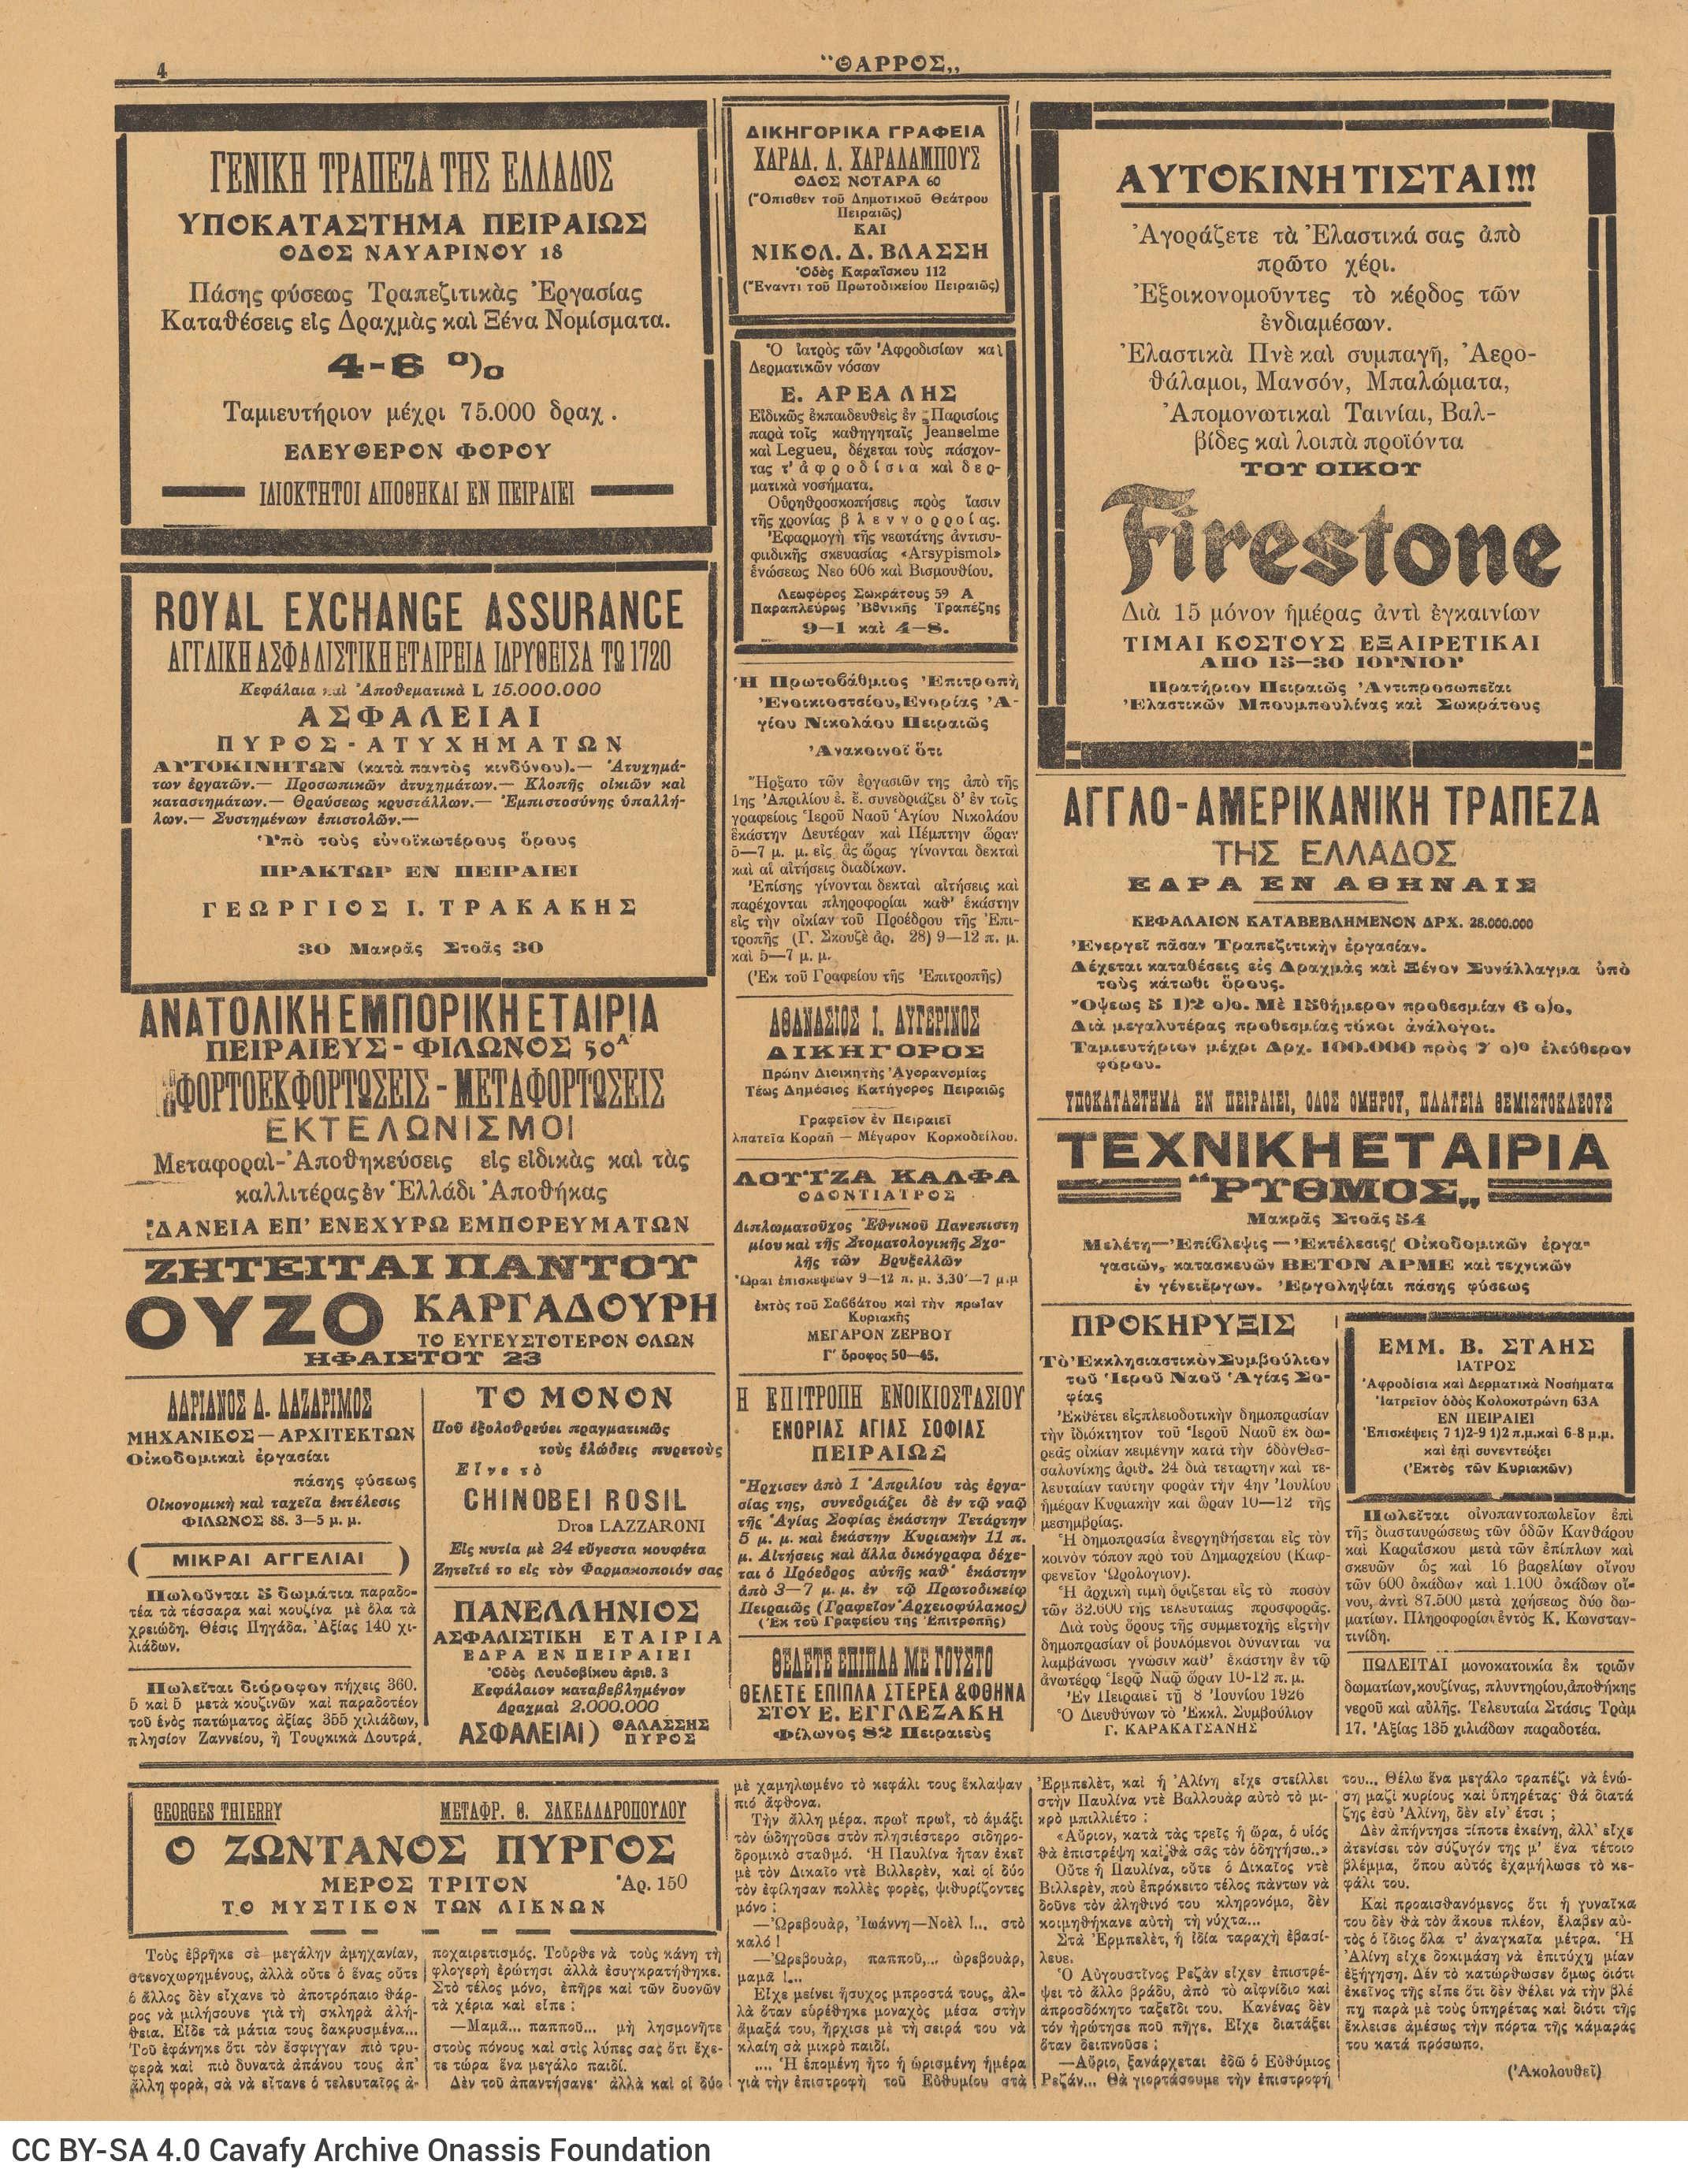 Φύλλο με αριθμό 3984 της πειραϊκής εφημερίδας *Θάρρος*. Στη δεύτερη σελ